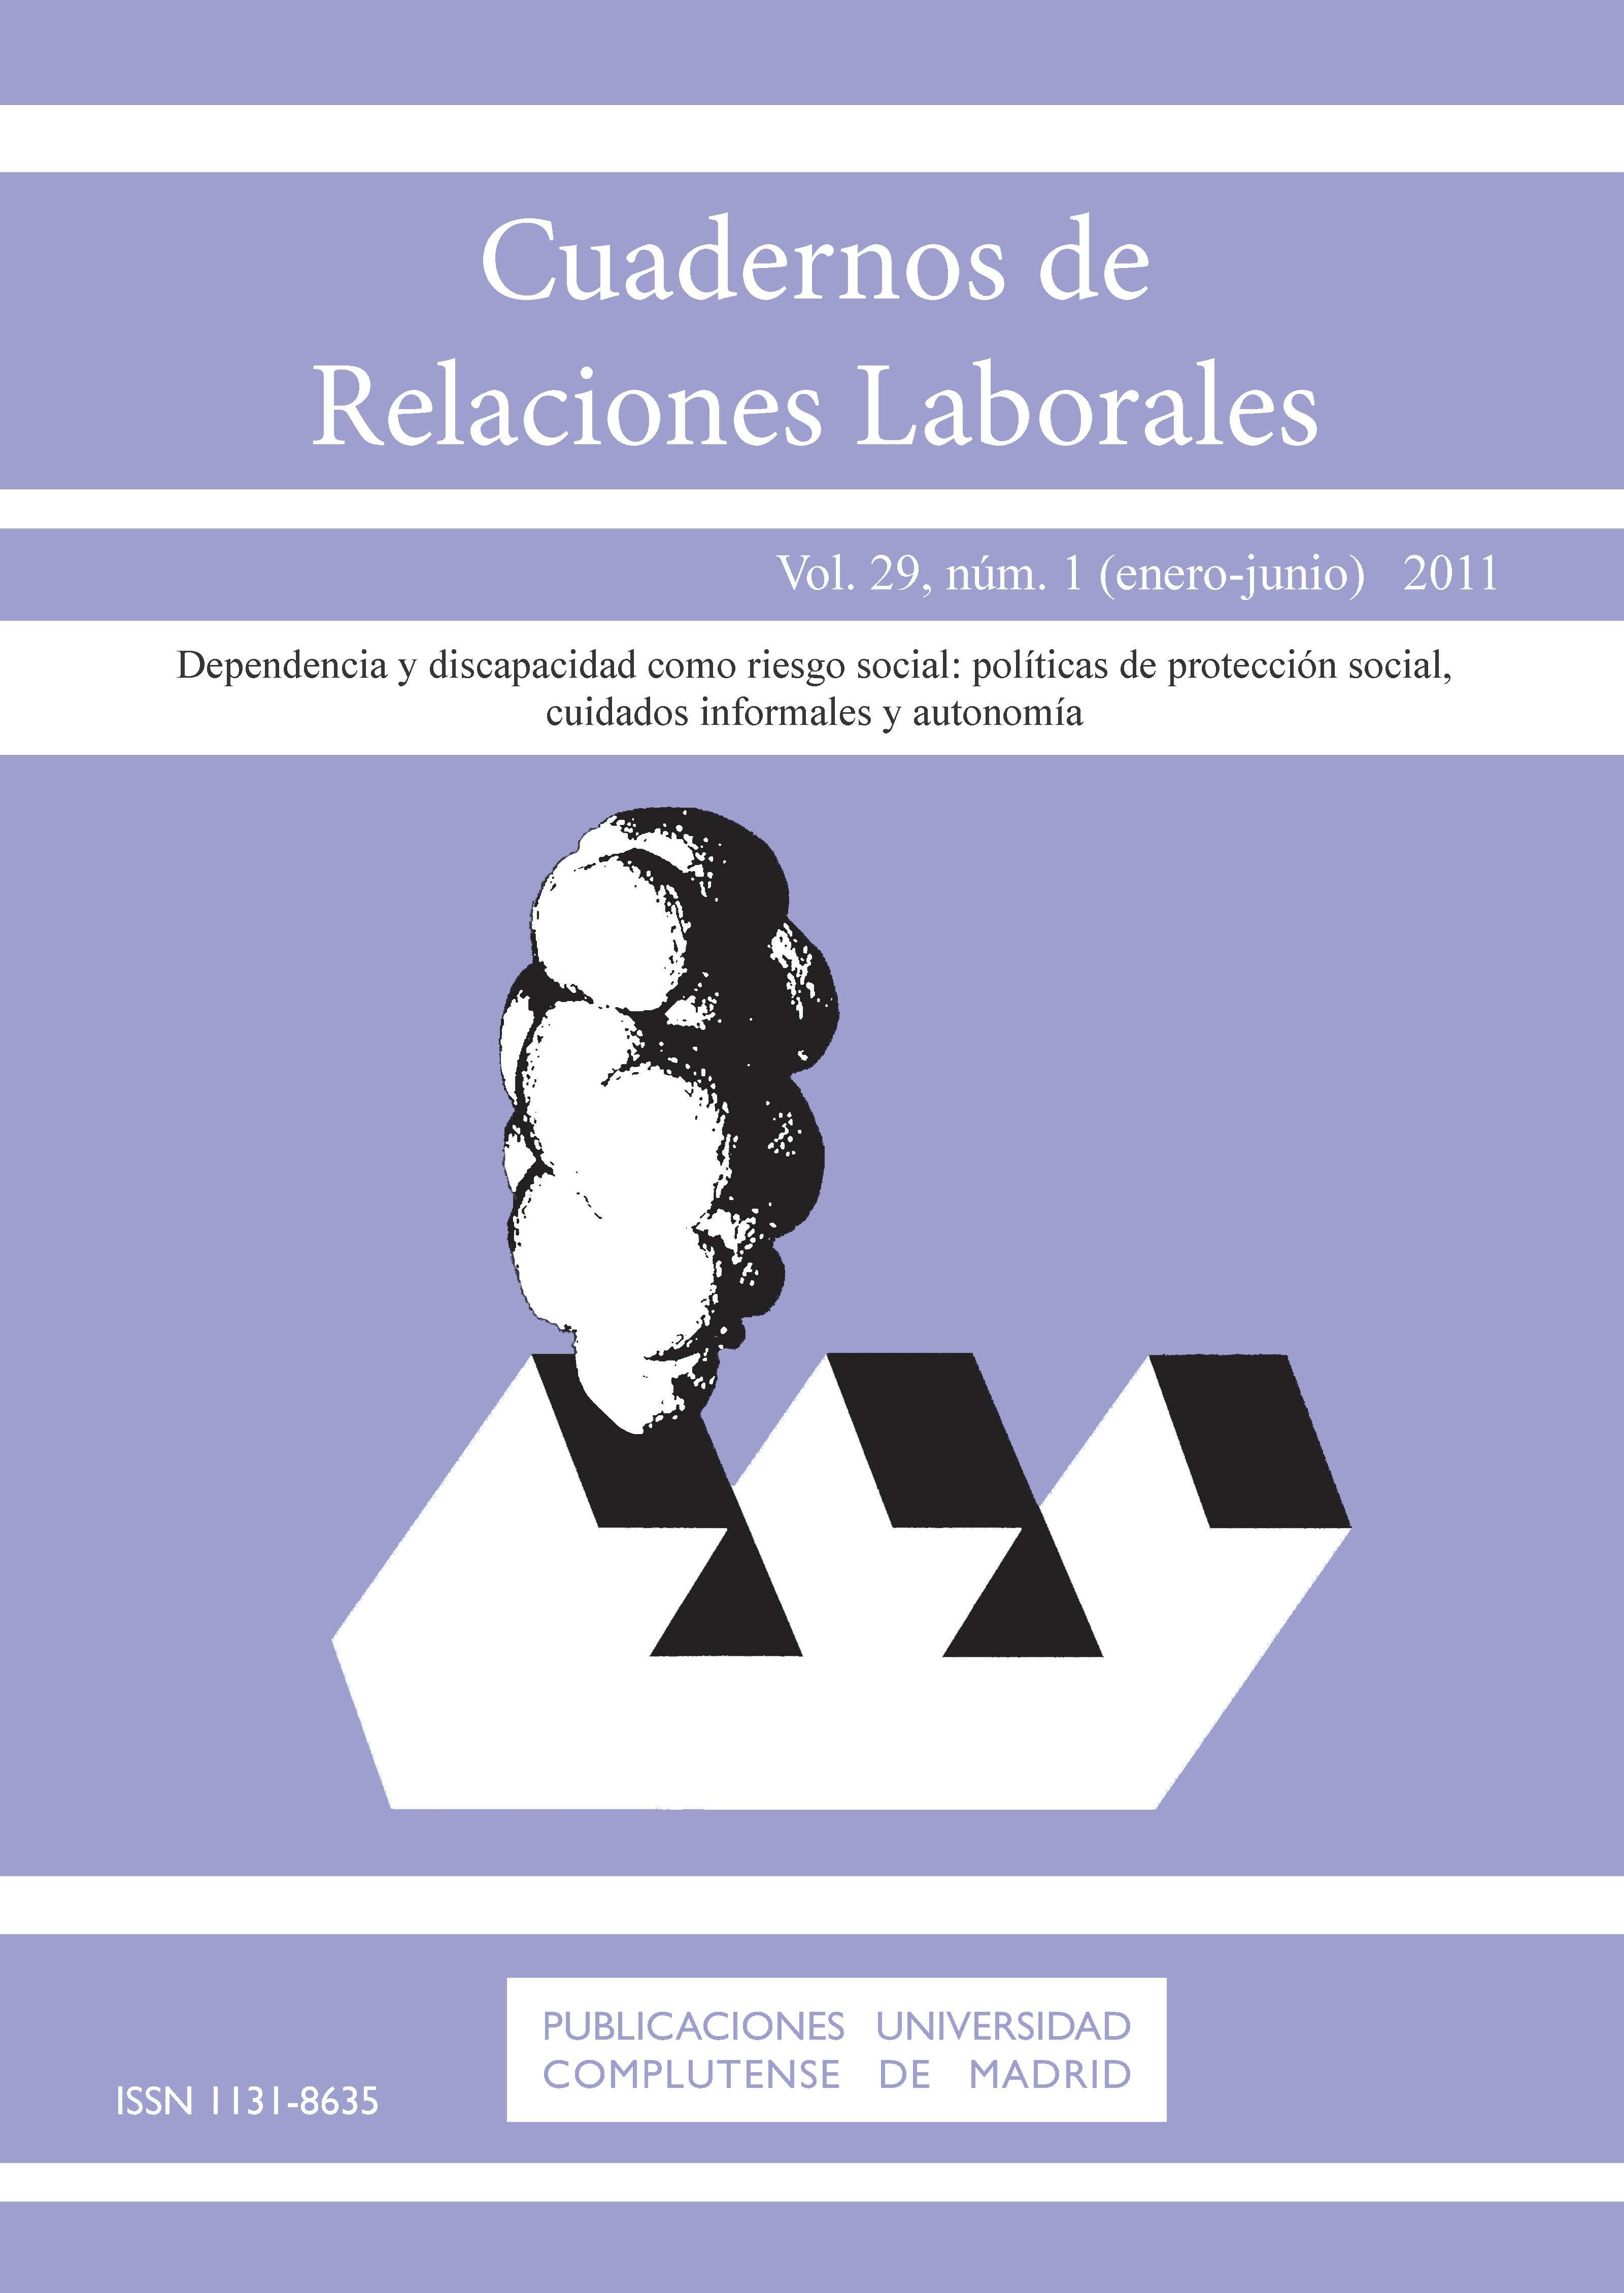 Cuadernos de Relaciones Laborales Vol 29, No 1 (2011): Dependencia y discapacidad como riesgo social: políticas de protección social, cuidados informales y autonomía